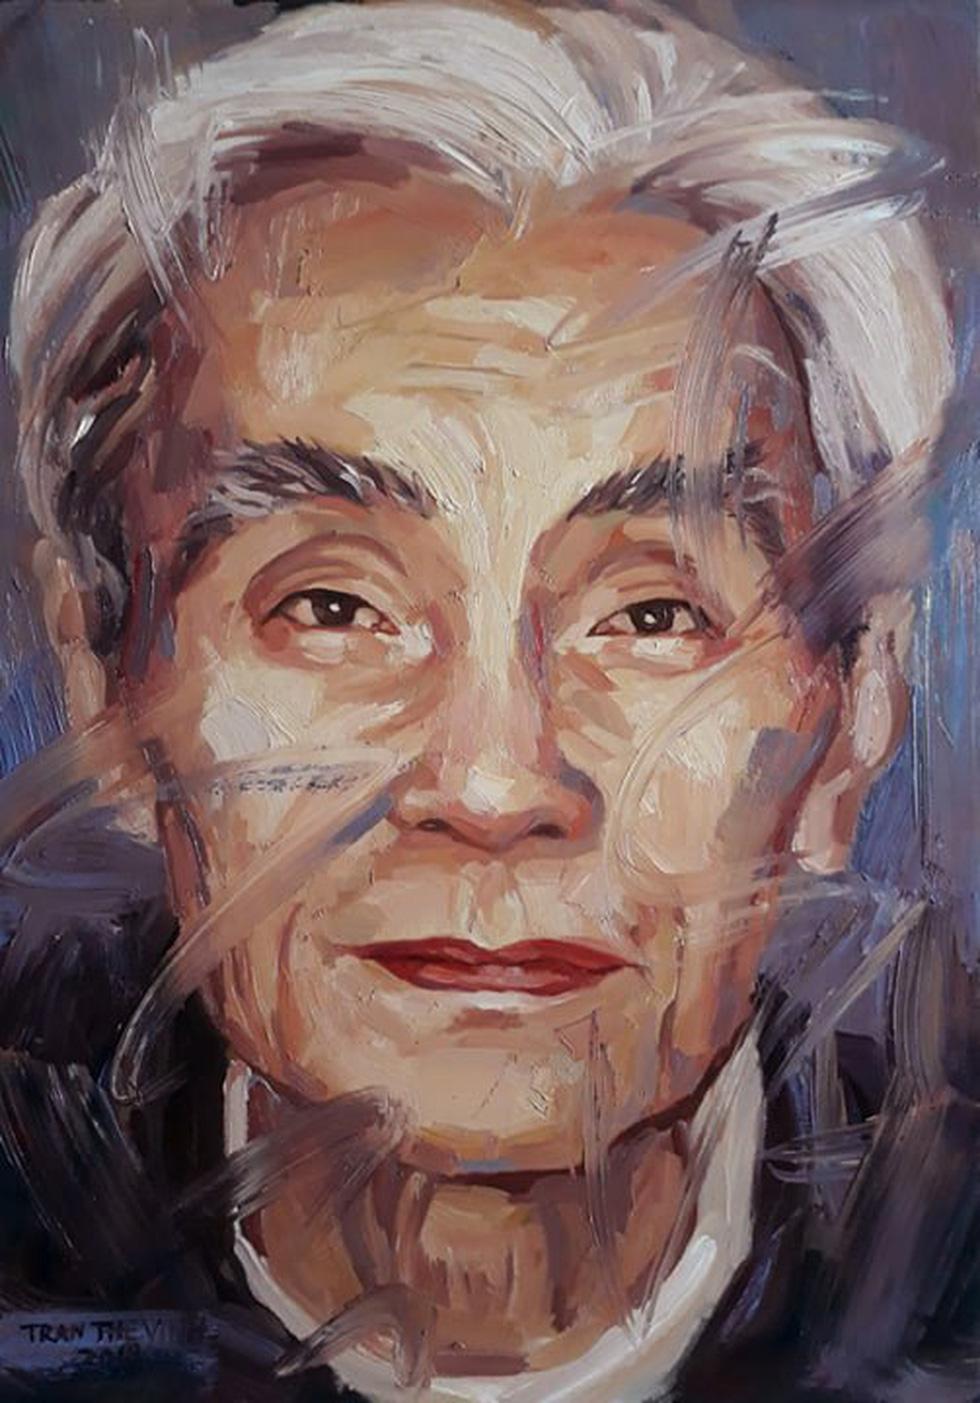 Ngắm chân dung các văn nghệ sĩ, trí thức tài hoa và truân chuyên - Ảnh 14.